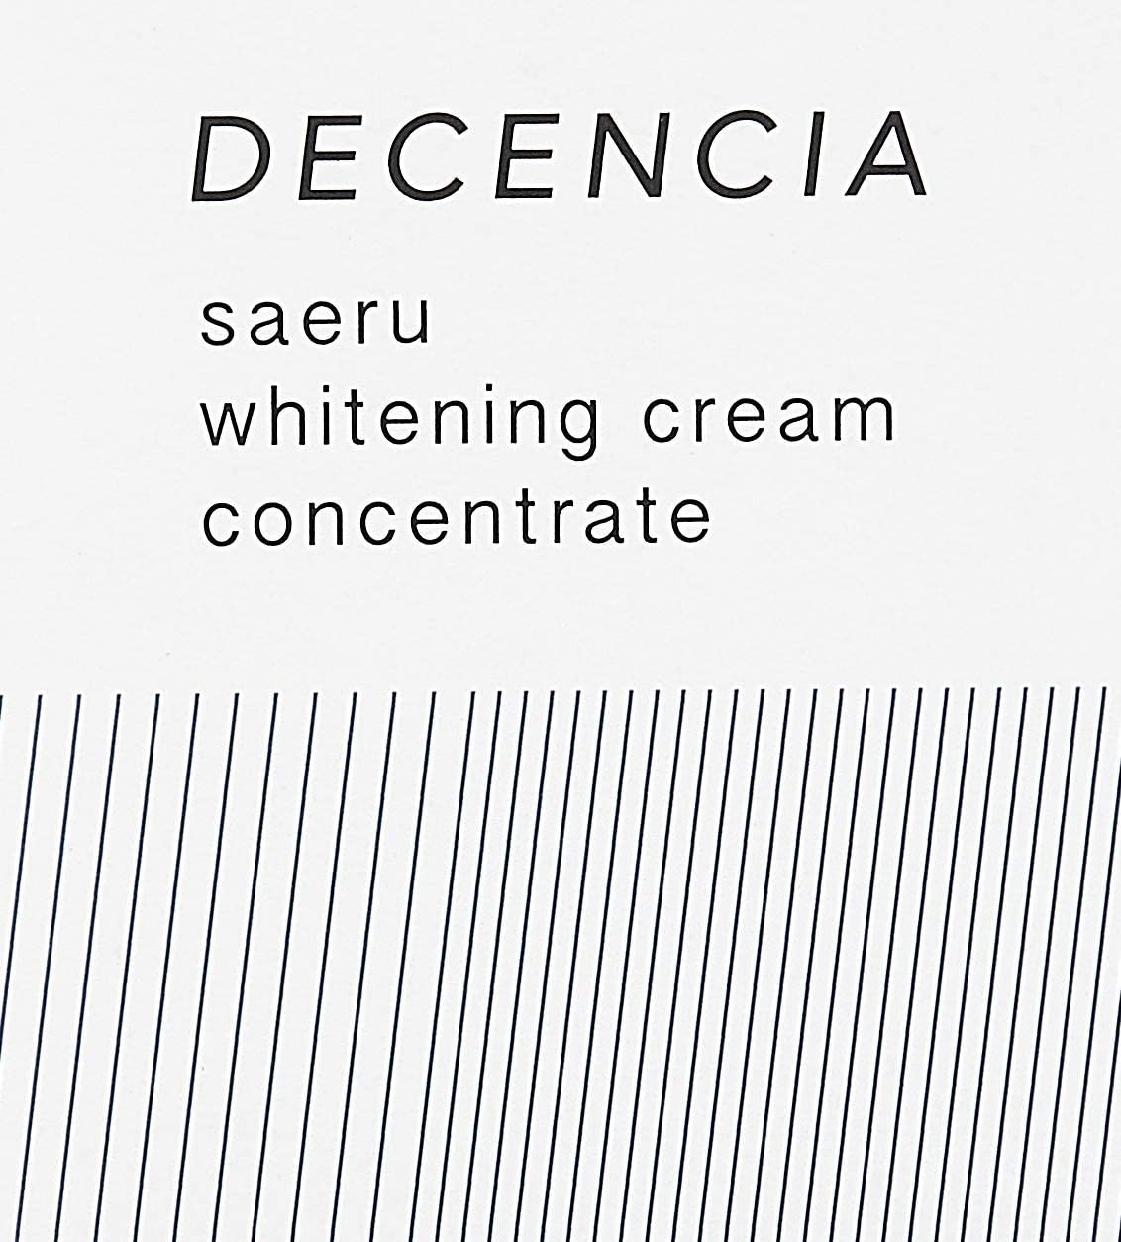 DECENCIA(ディセンシア)サエル ホワイトニング クリーム コンセントレートの商品画像8